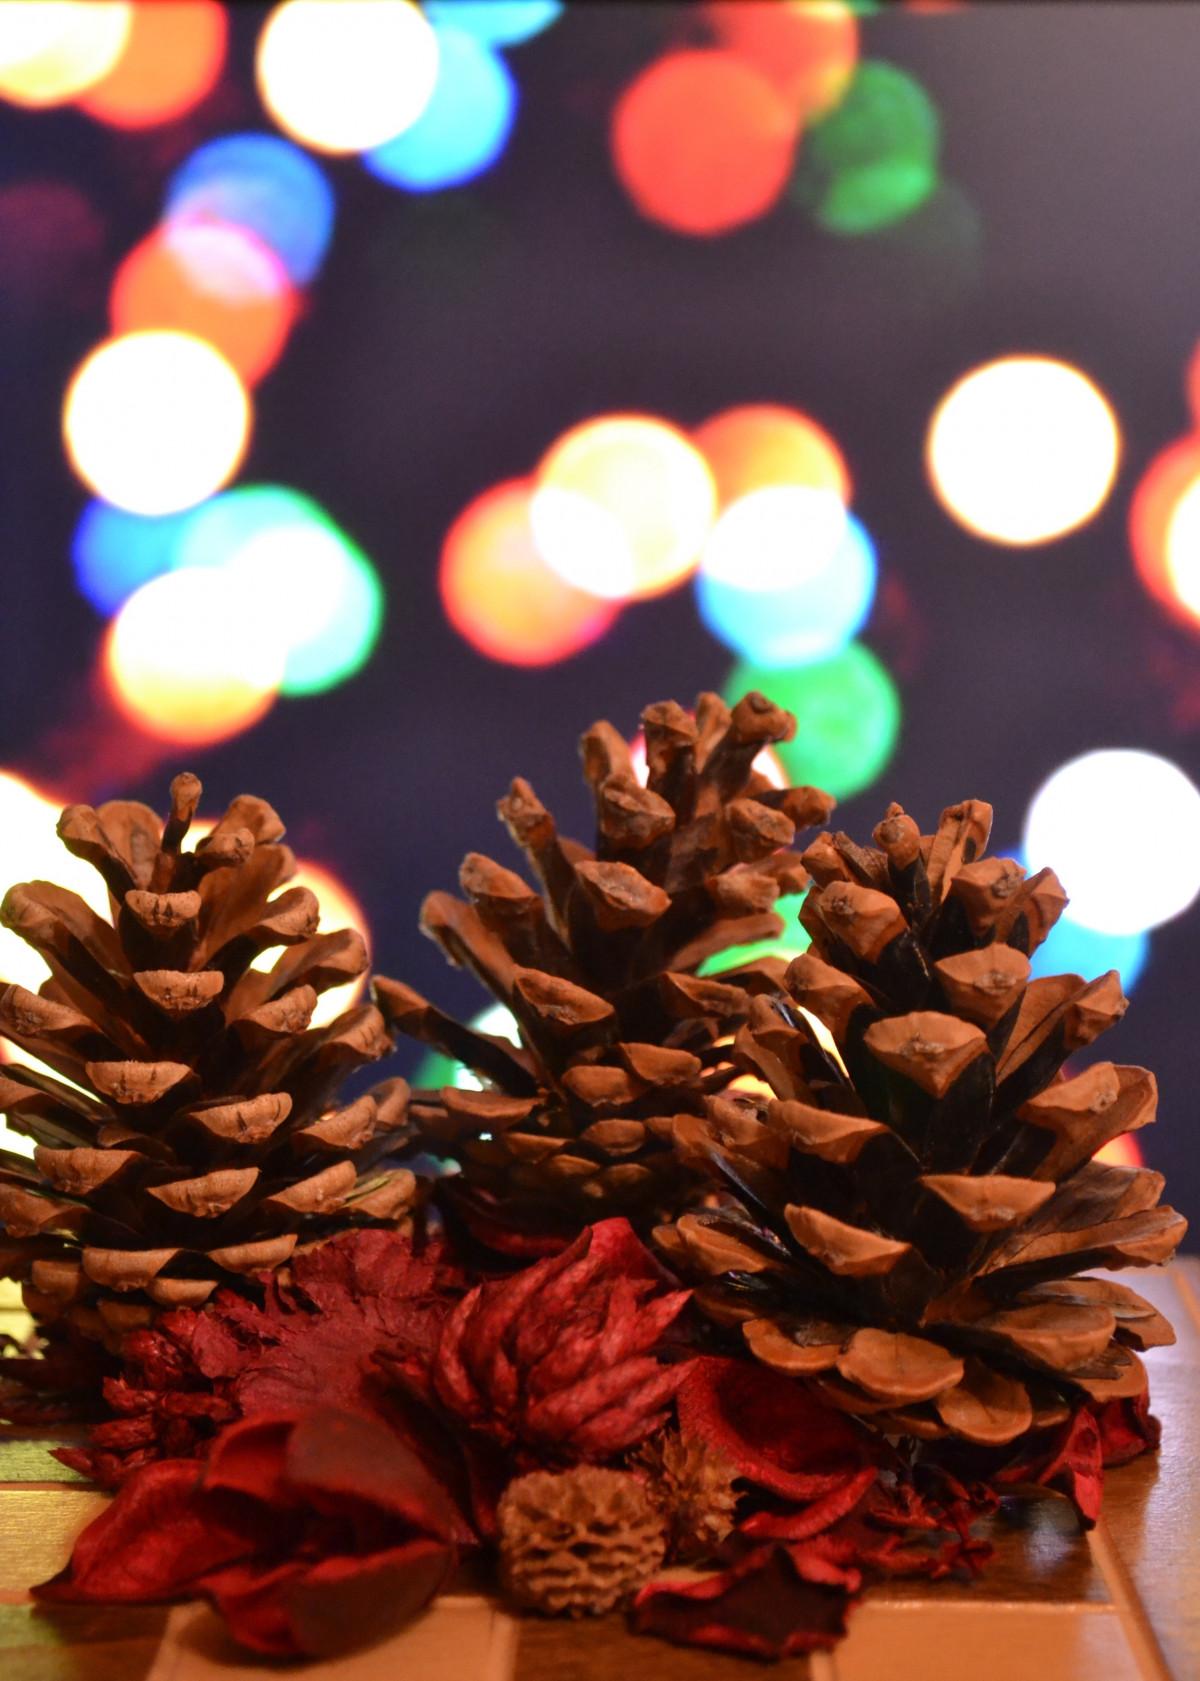 Free Images Flower Petal Red Color Dessert Lighting